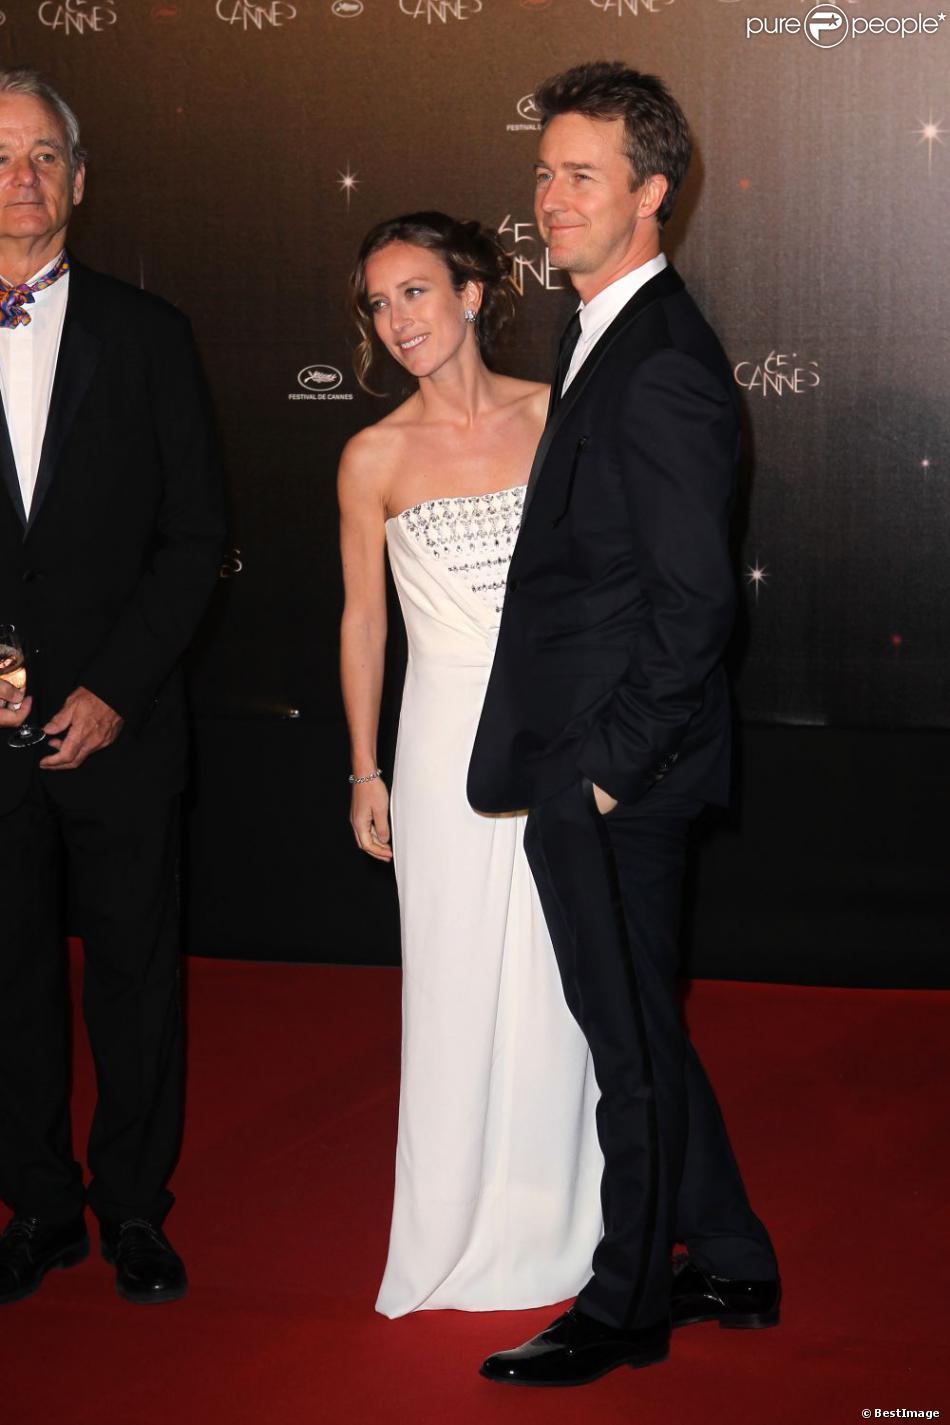 Edward Norton et sa fiancée Shauna Robertson, ici au Festival de Cannes en 2012, ont eu leur premier enfant, un garçon, en mars 2013.